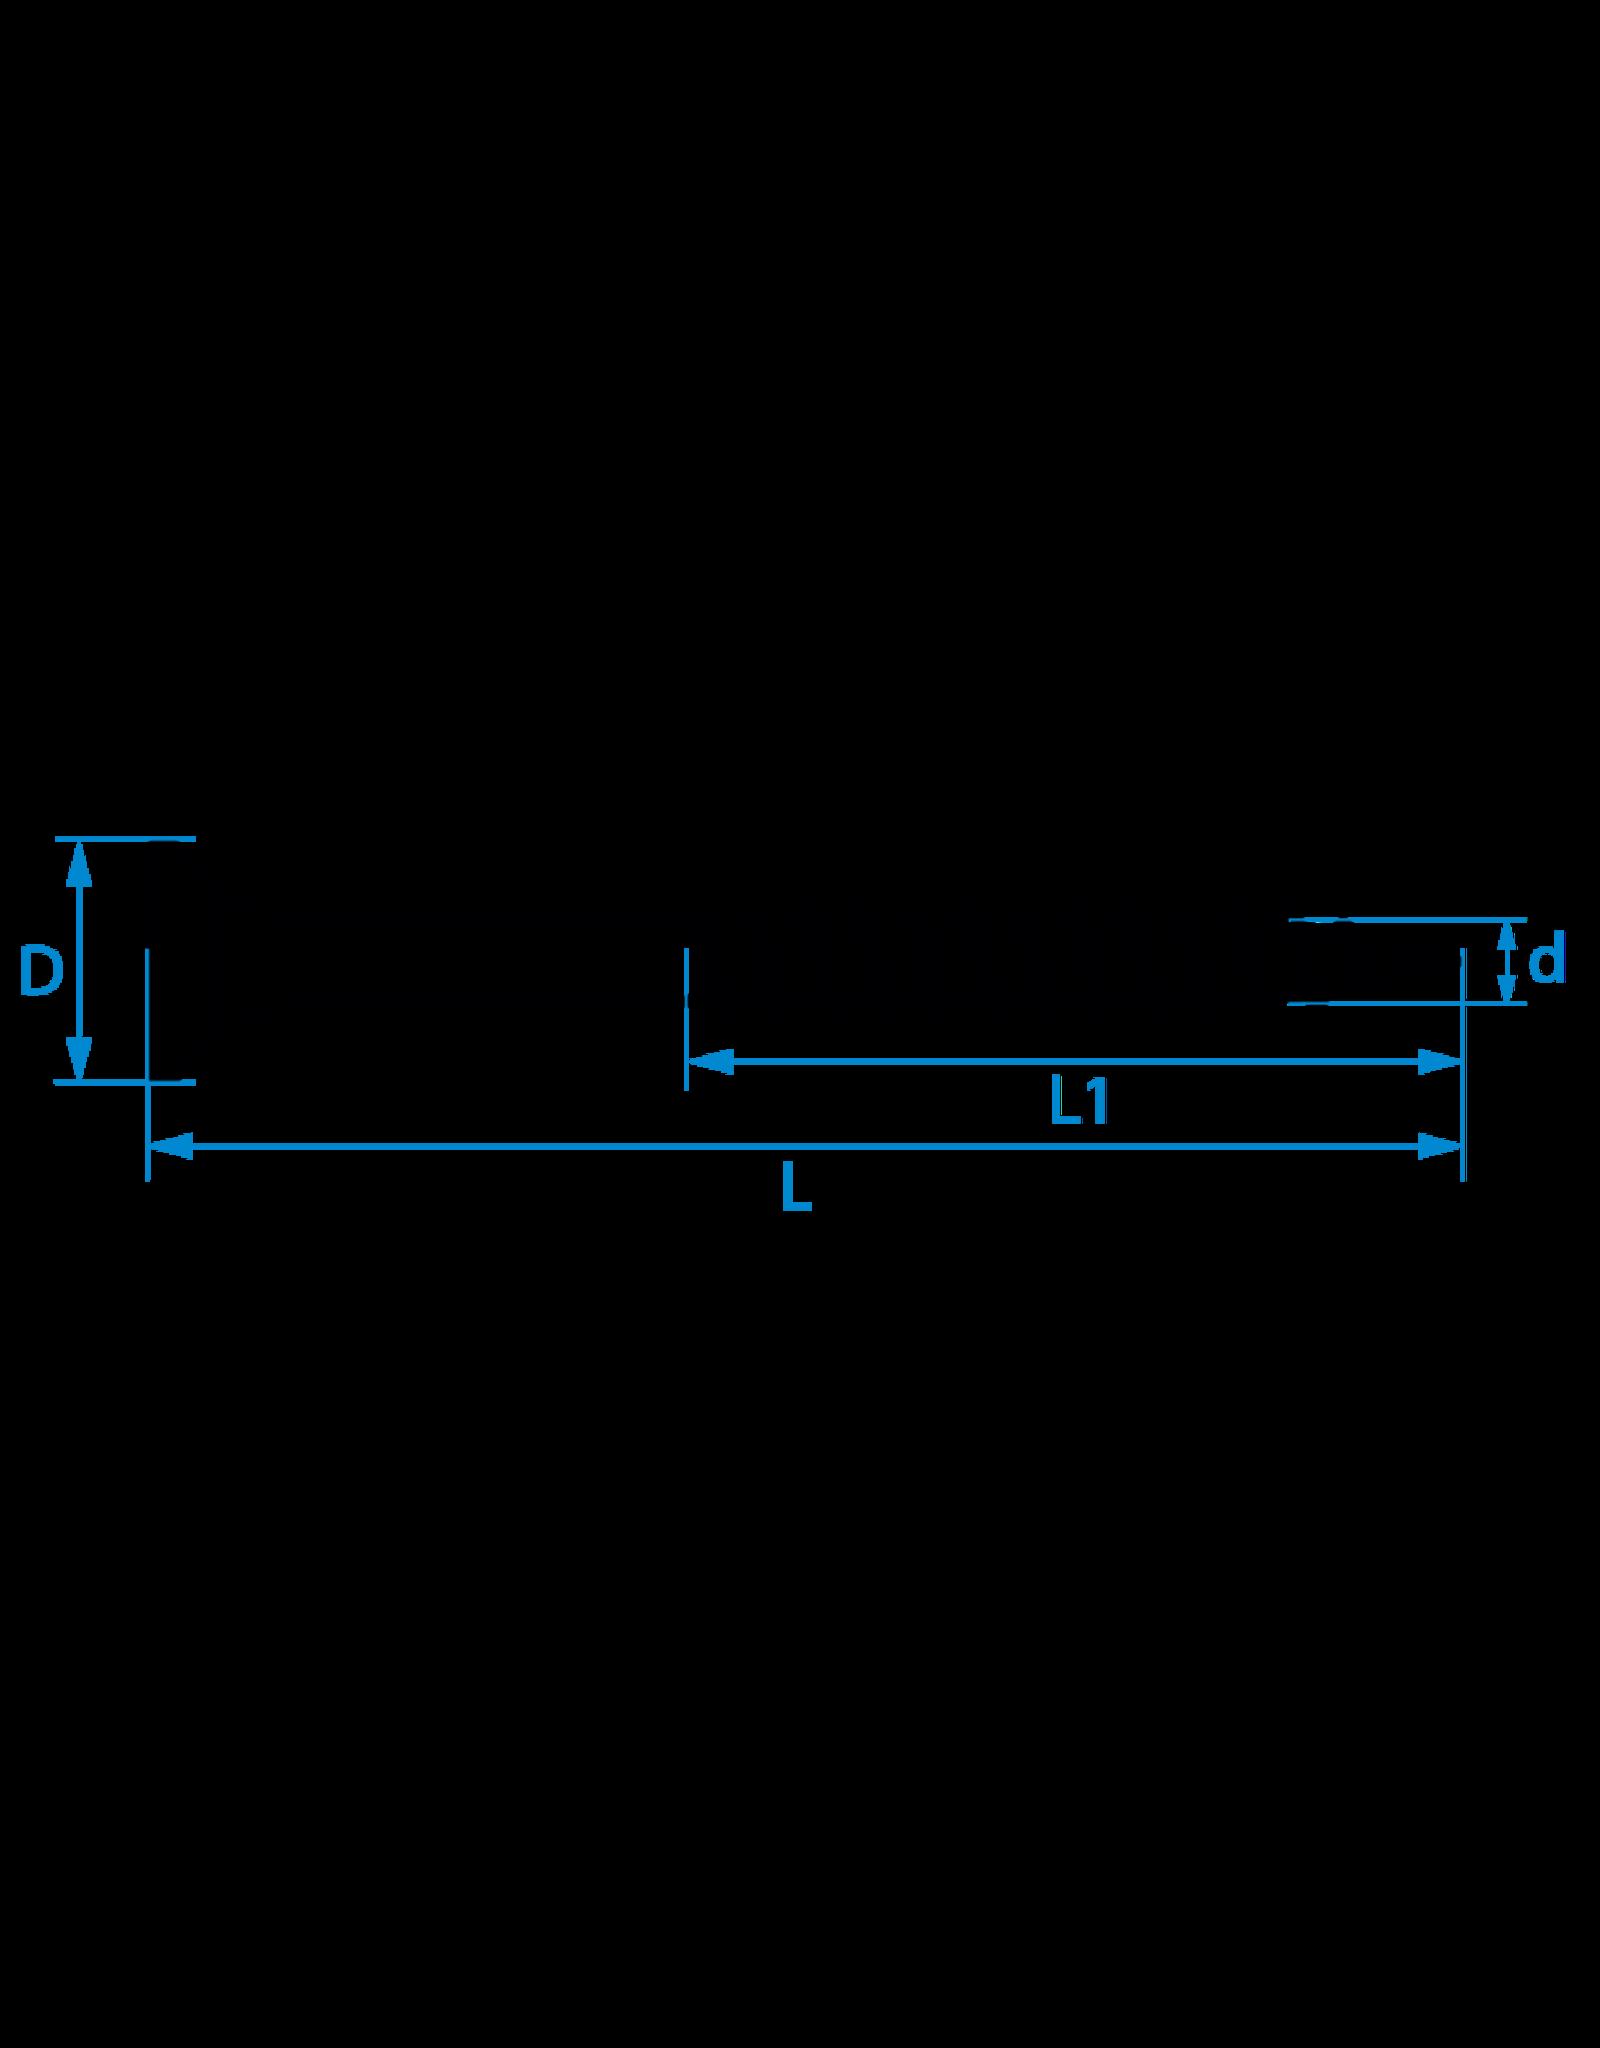 Spaanplaatschroeven platkop deeldraad 4.0x60/36 TX-20 staal gehard verzinkt per 200 stuks